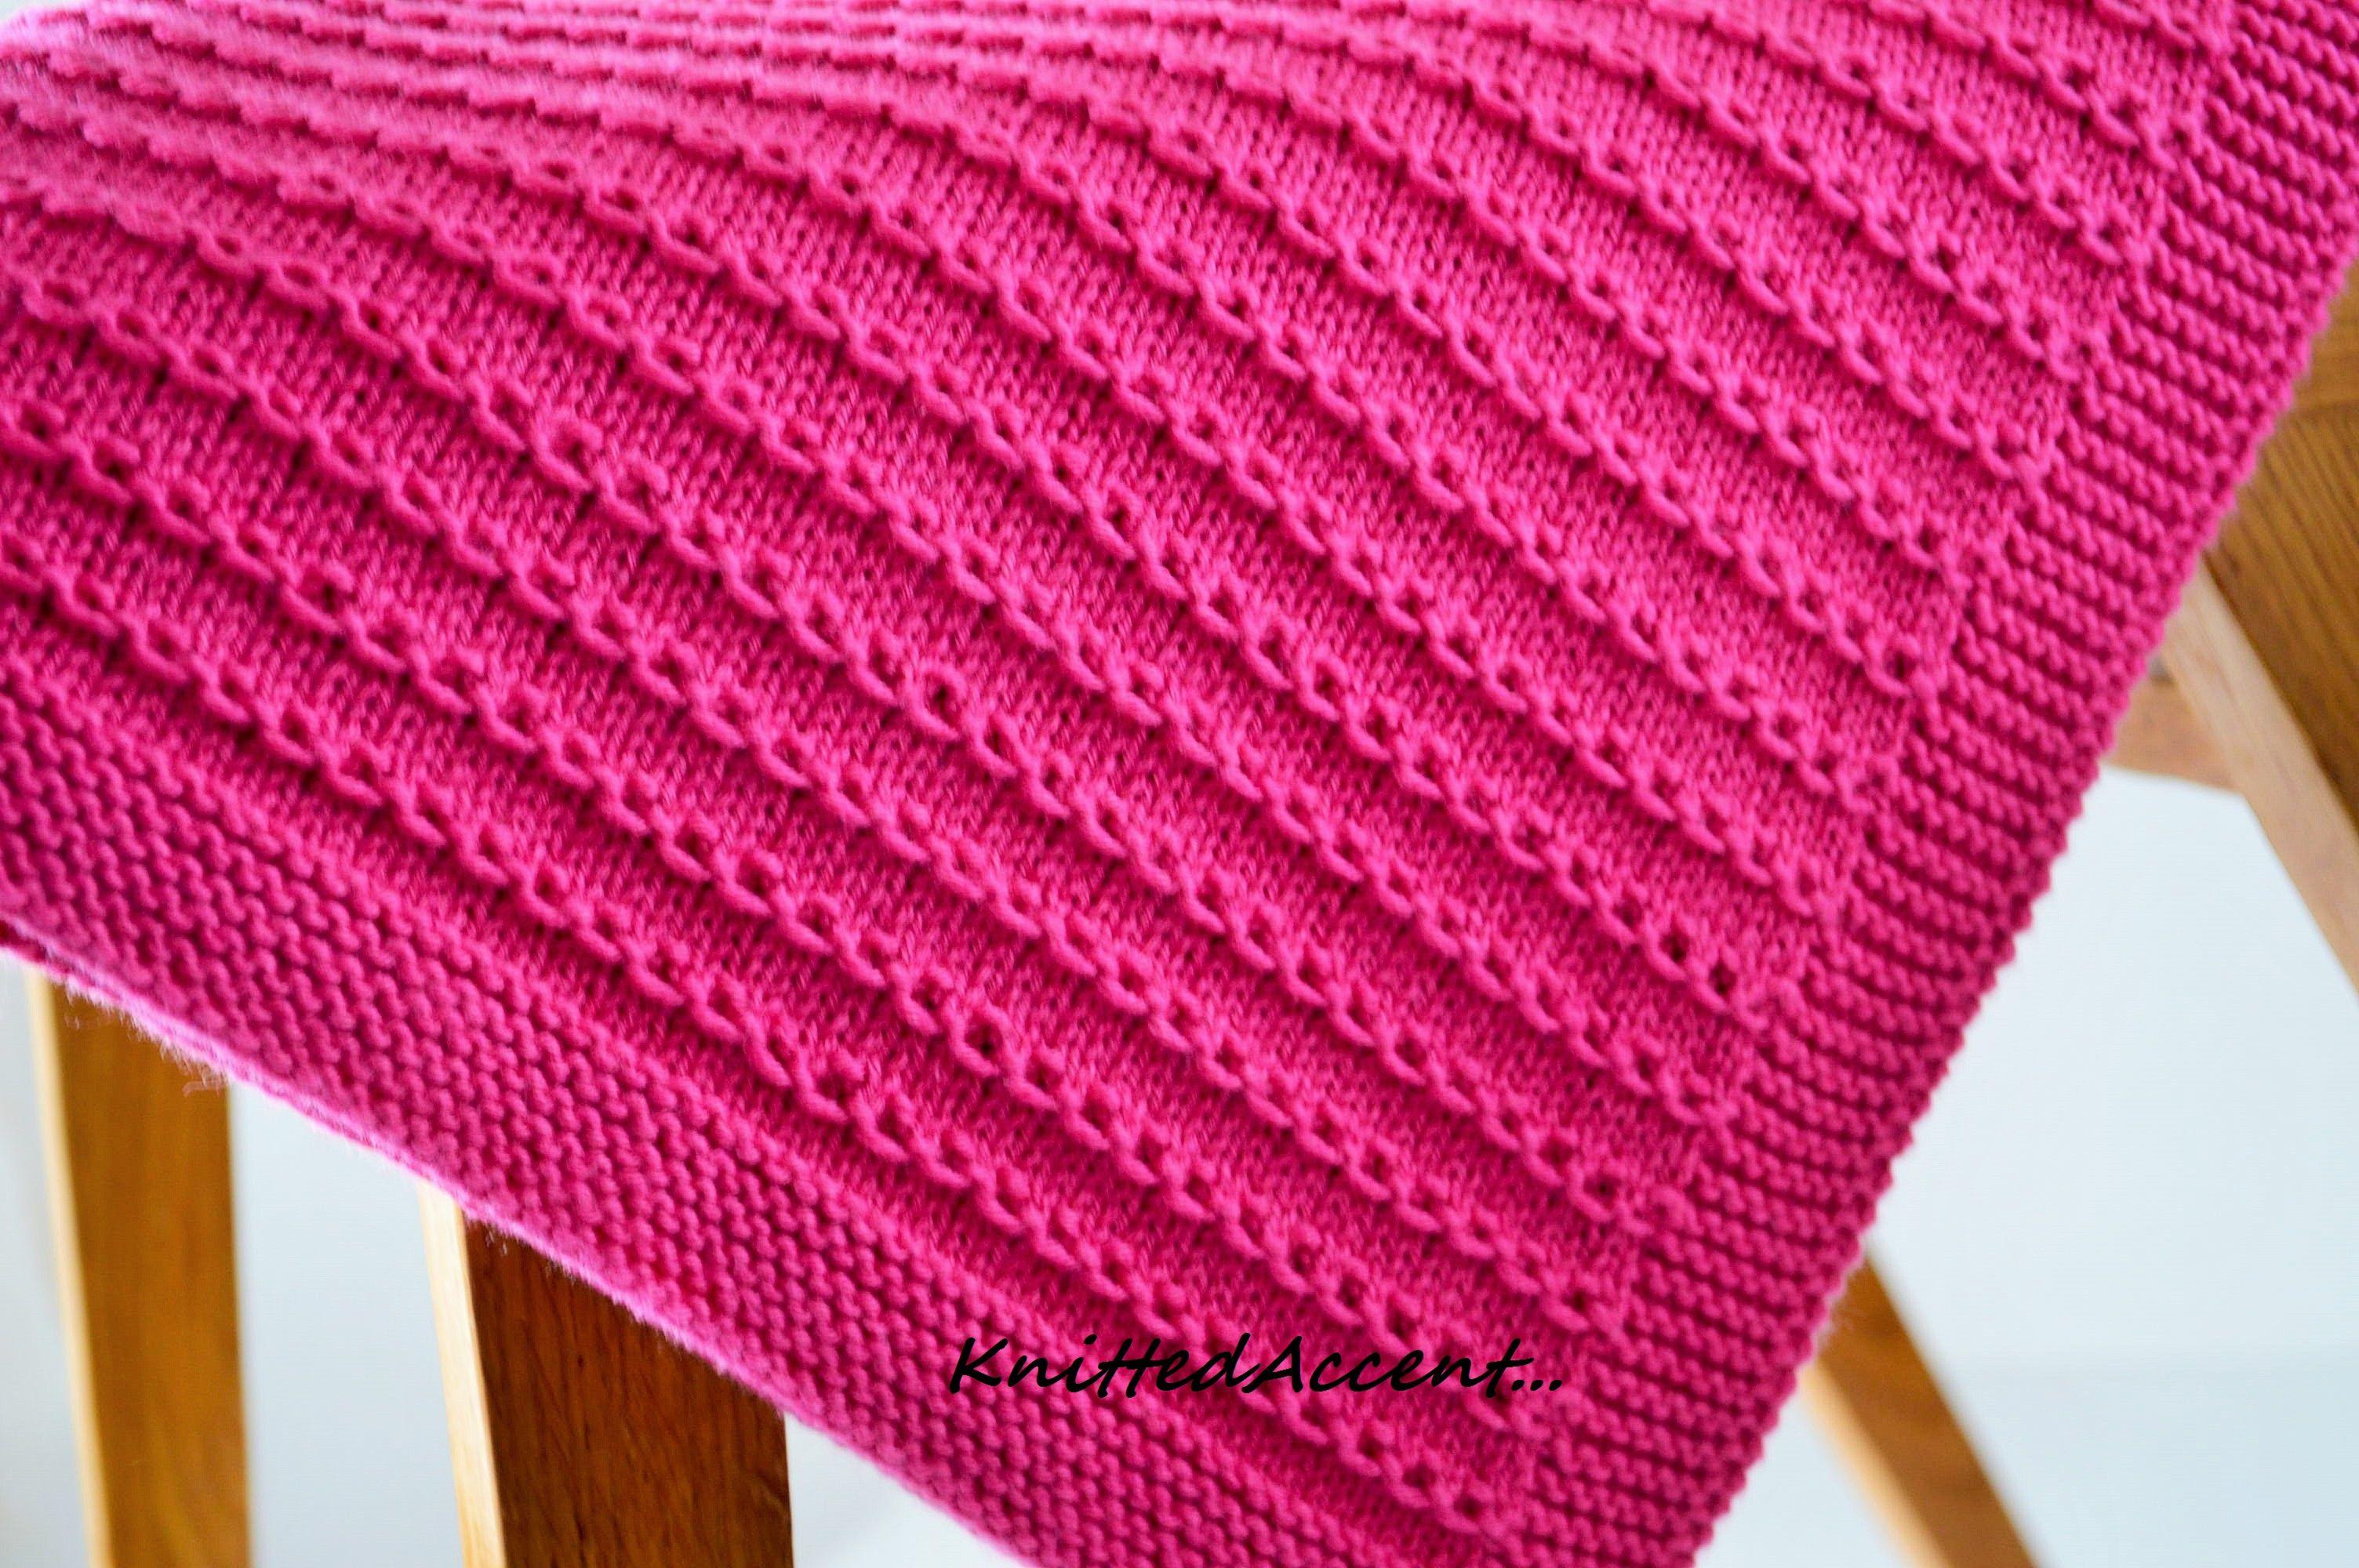 Pin by Žana Daniūnienė on Blankets | Pinterest | Knitting patterns ...